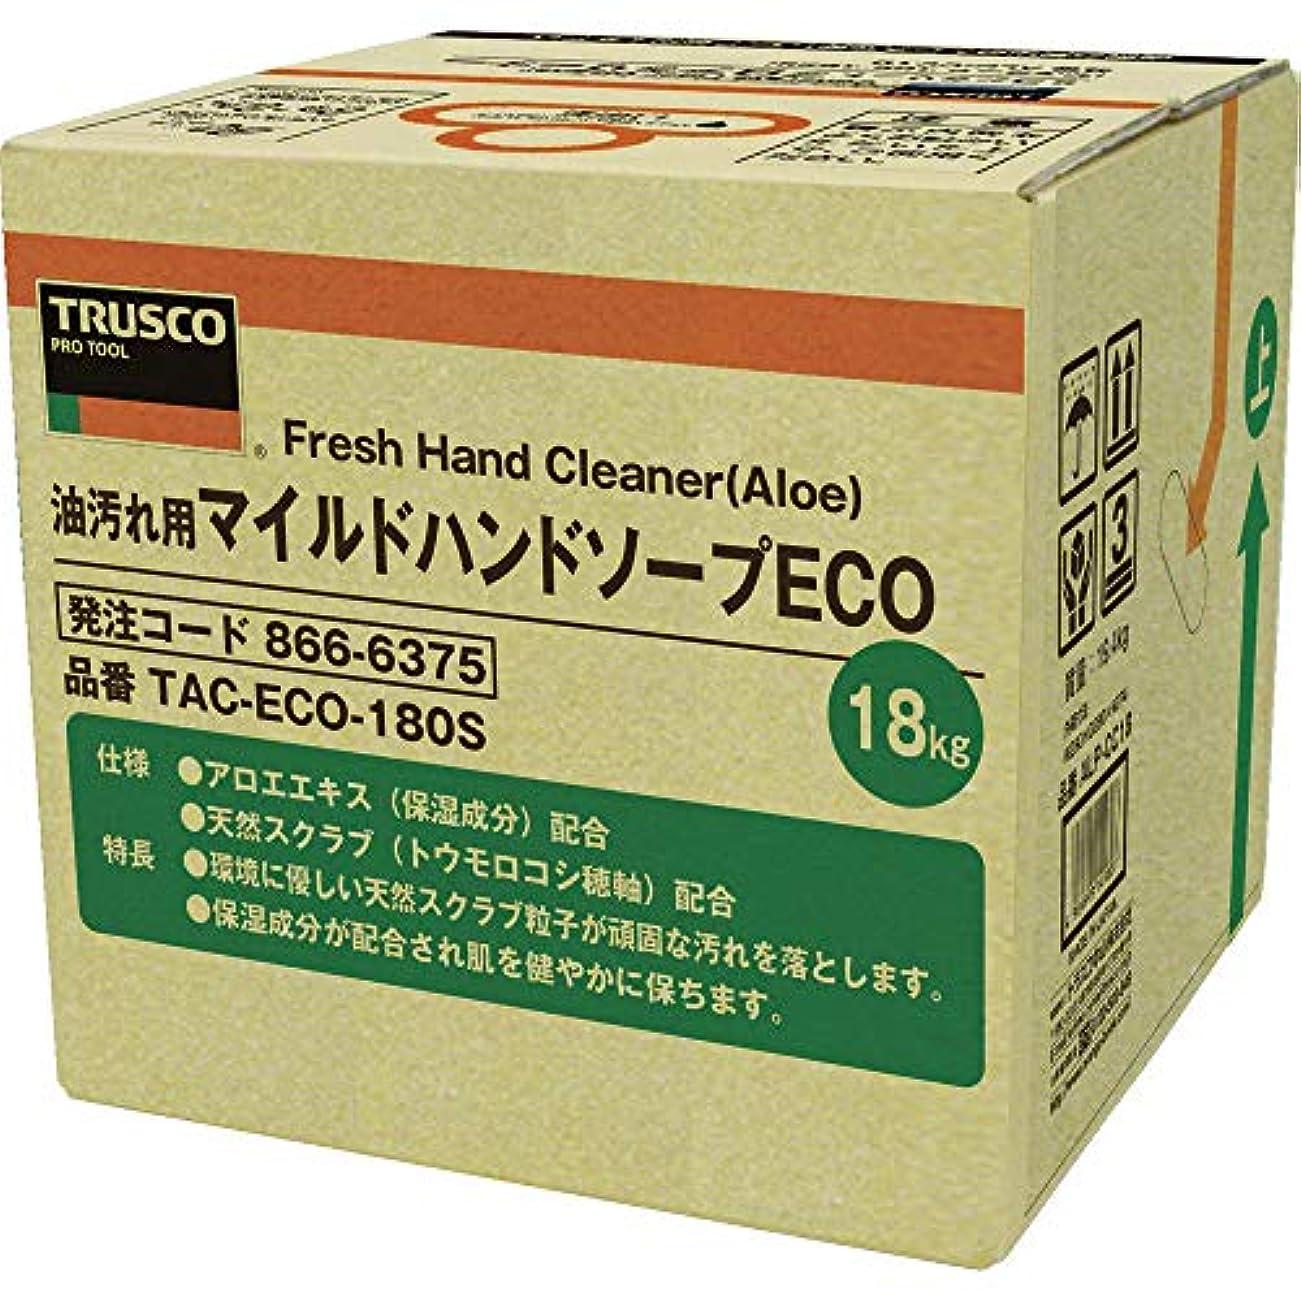 パンダ武器クリックTRUSCO(トラスコ) マイルドハンドソープ ECO 18L 詰替 バッグインボックス TACECO180S